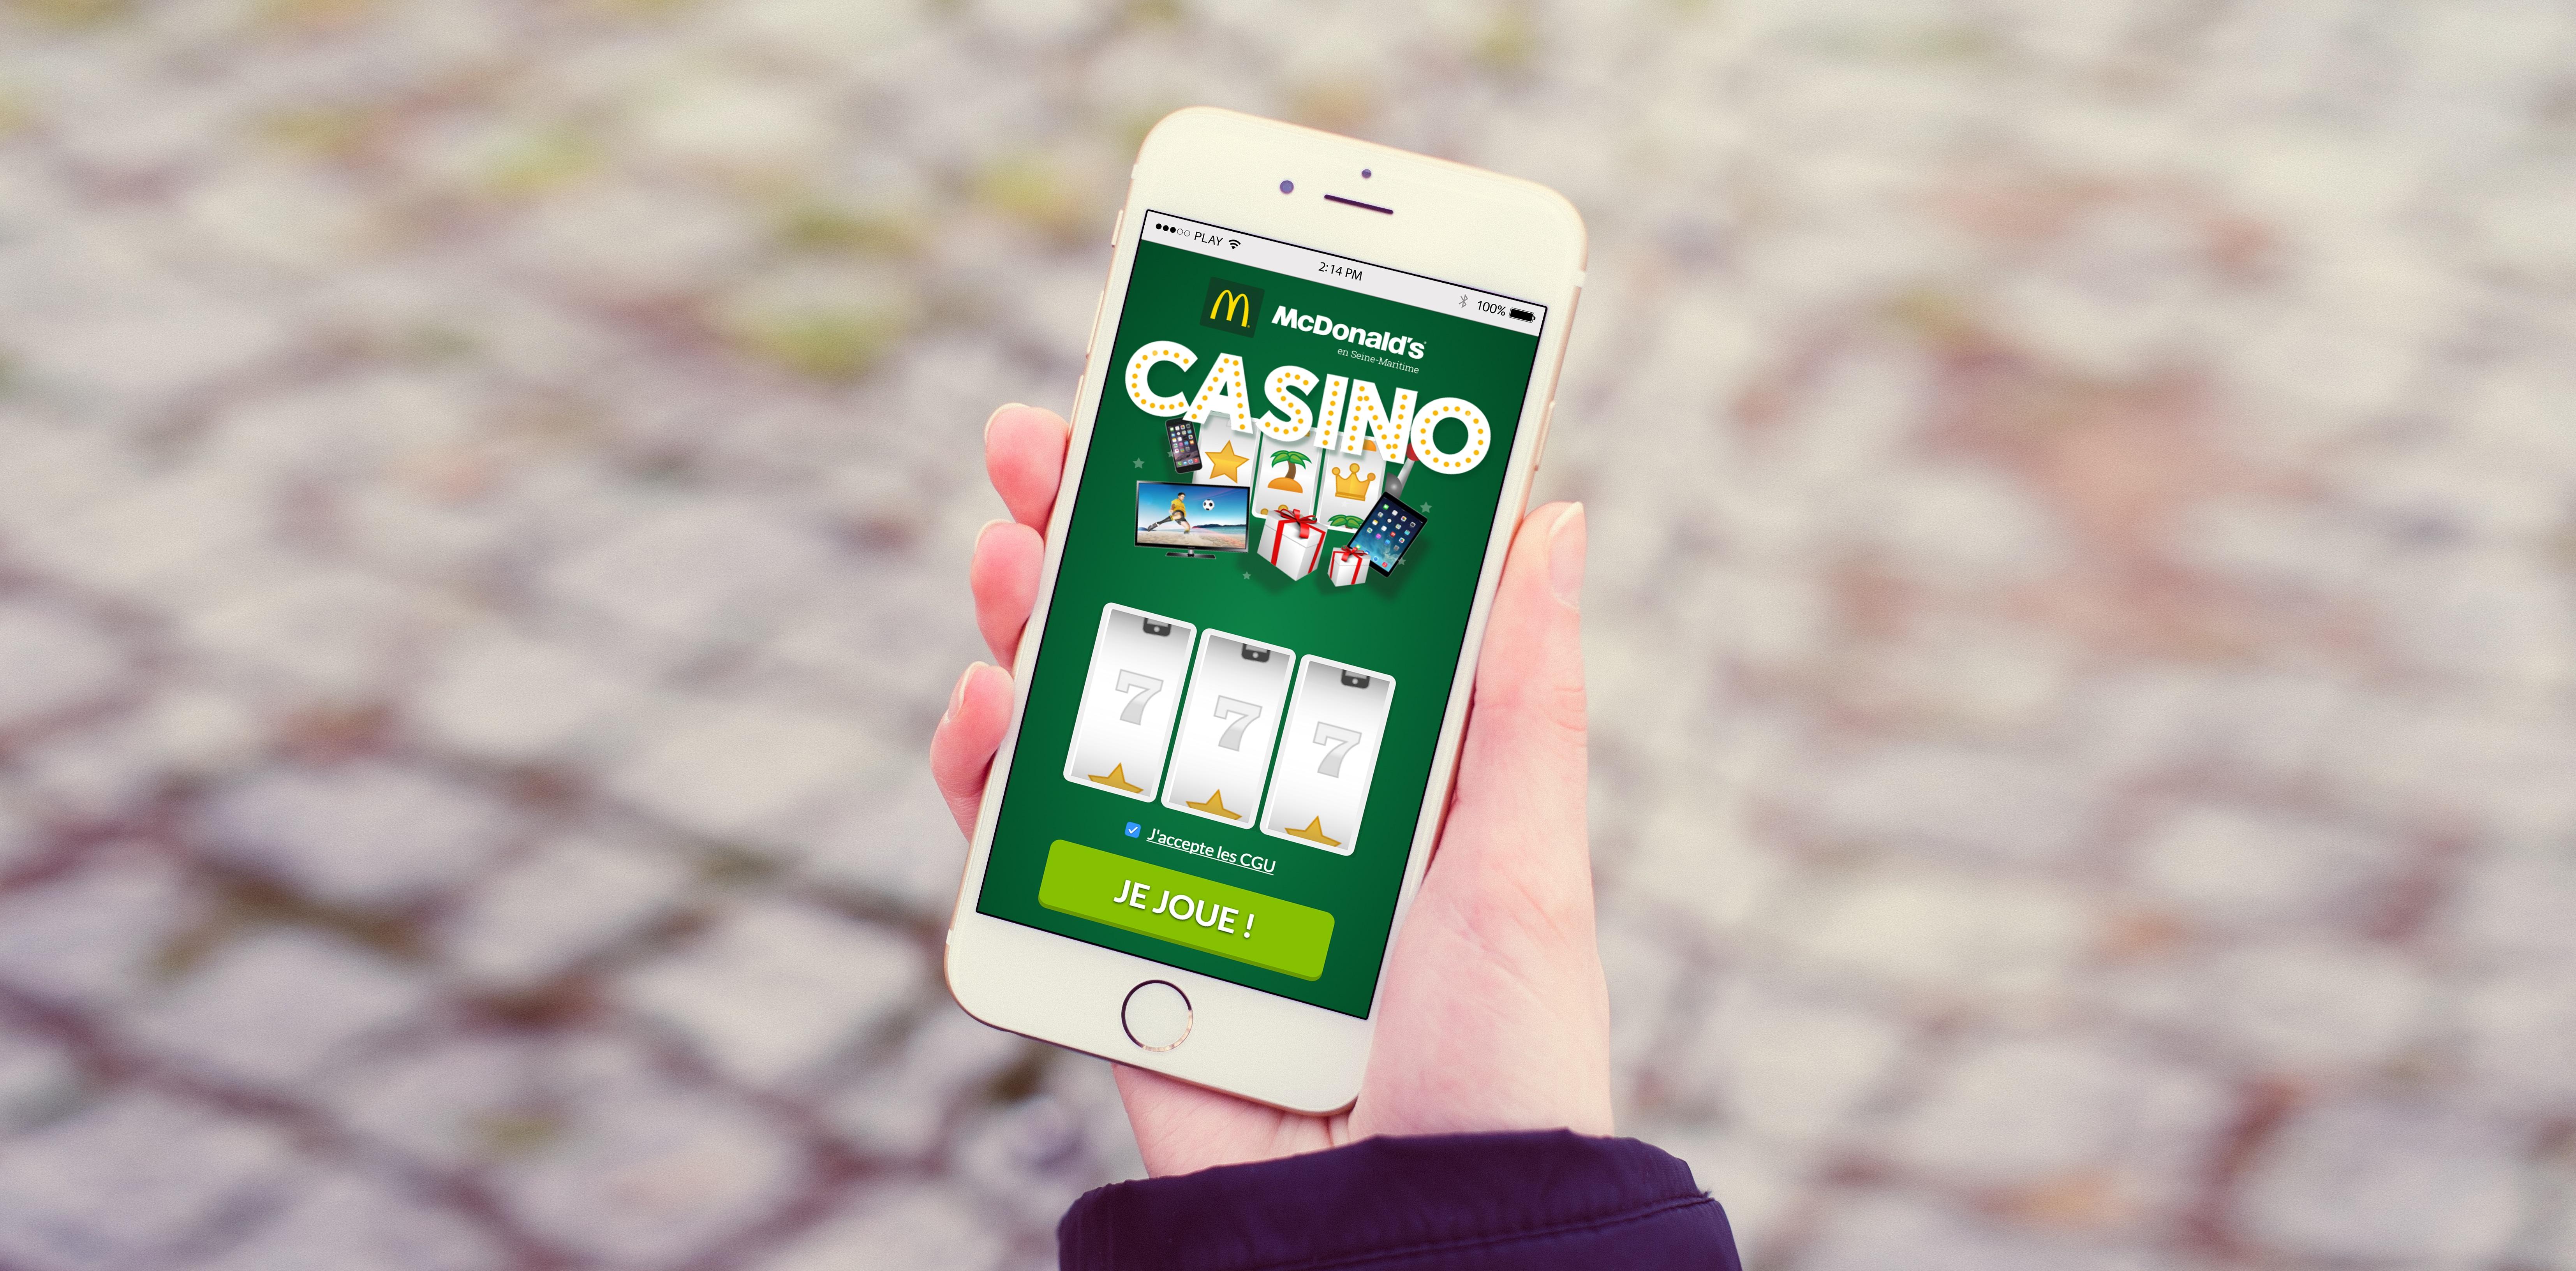 acquisition fidélisation communauté - casino mcdonalds